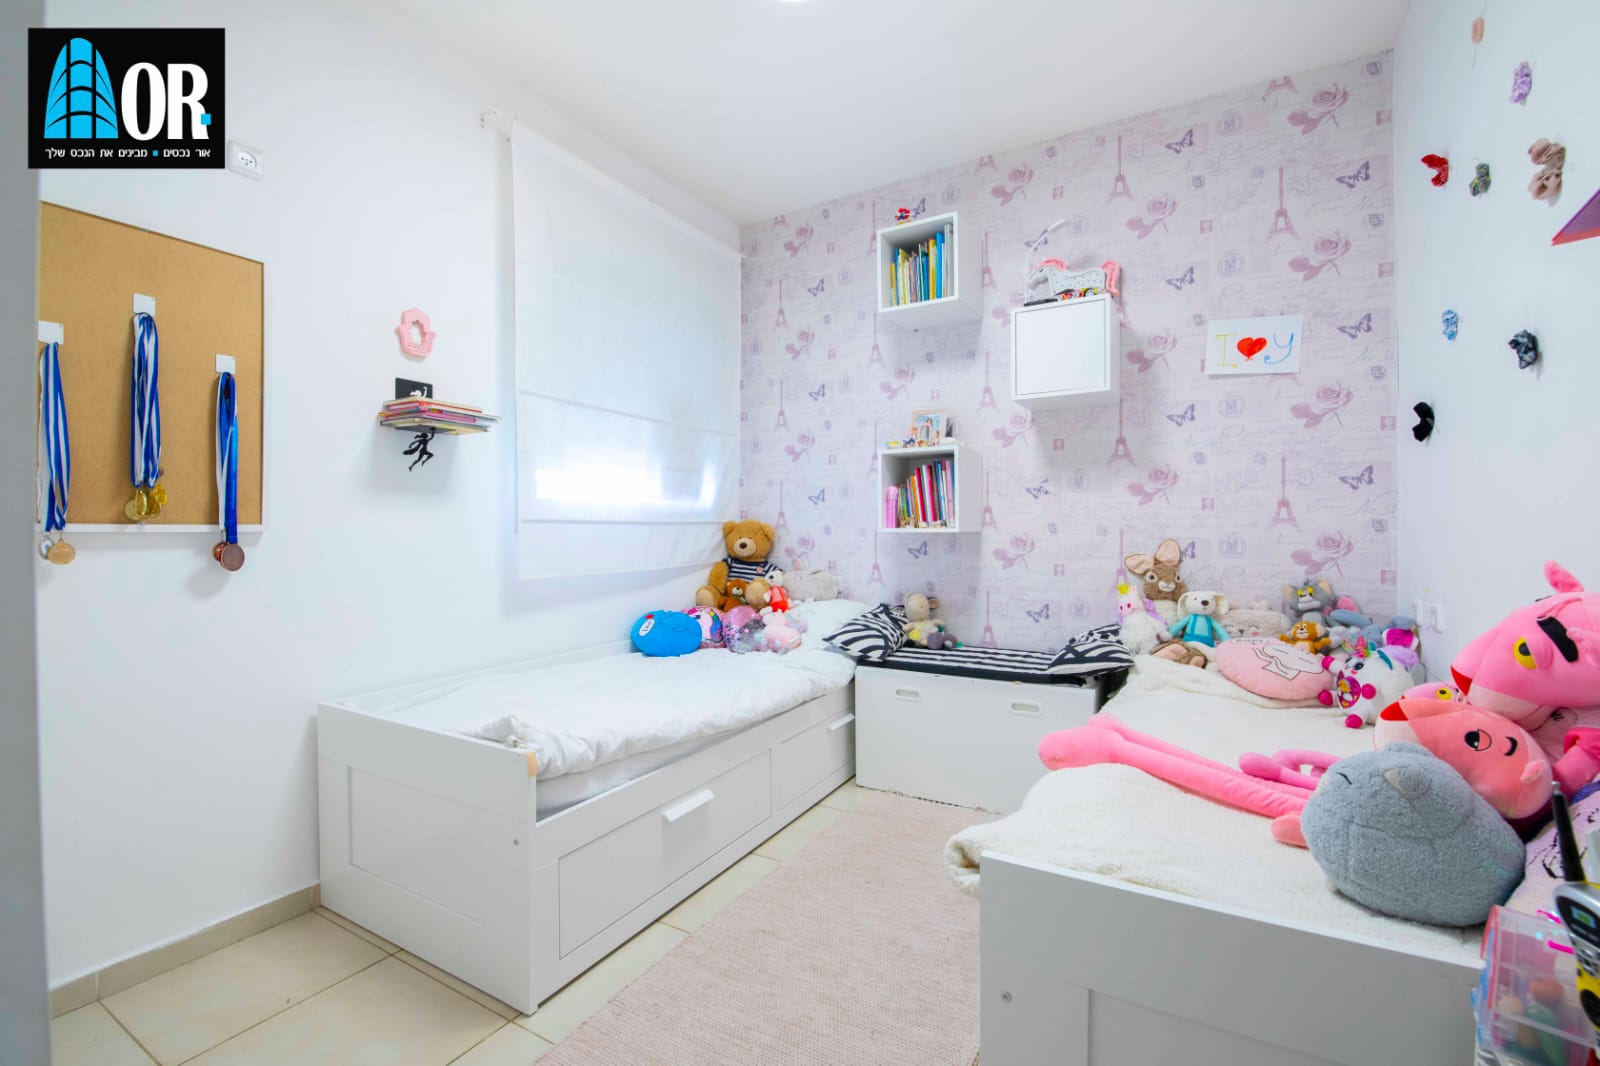 חדר ילדים דירה 4 חדרים שכונה פארק המושבה